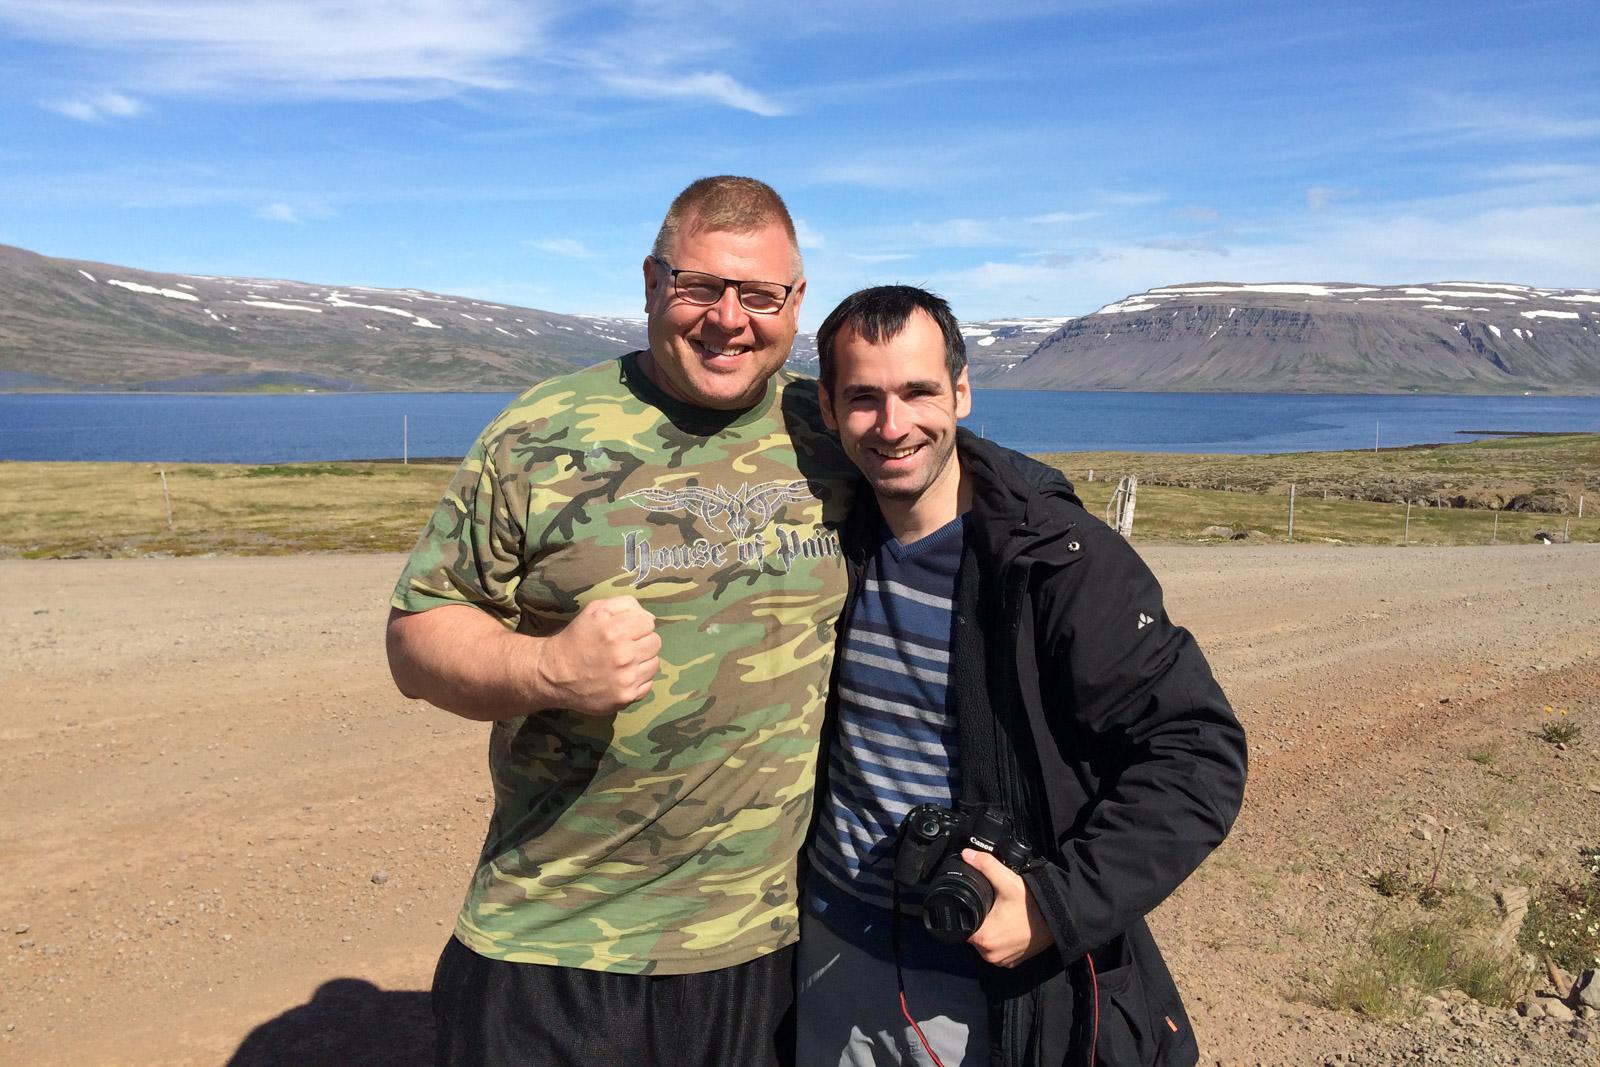 Neben einem der stärksten Männer Islands - Hjalti Ursus - sehe ich ziemlich schmächtig aus.